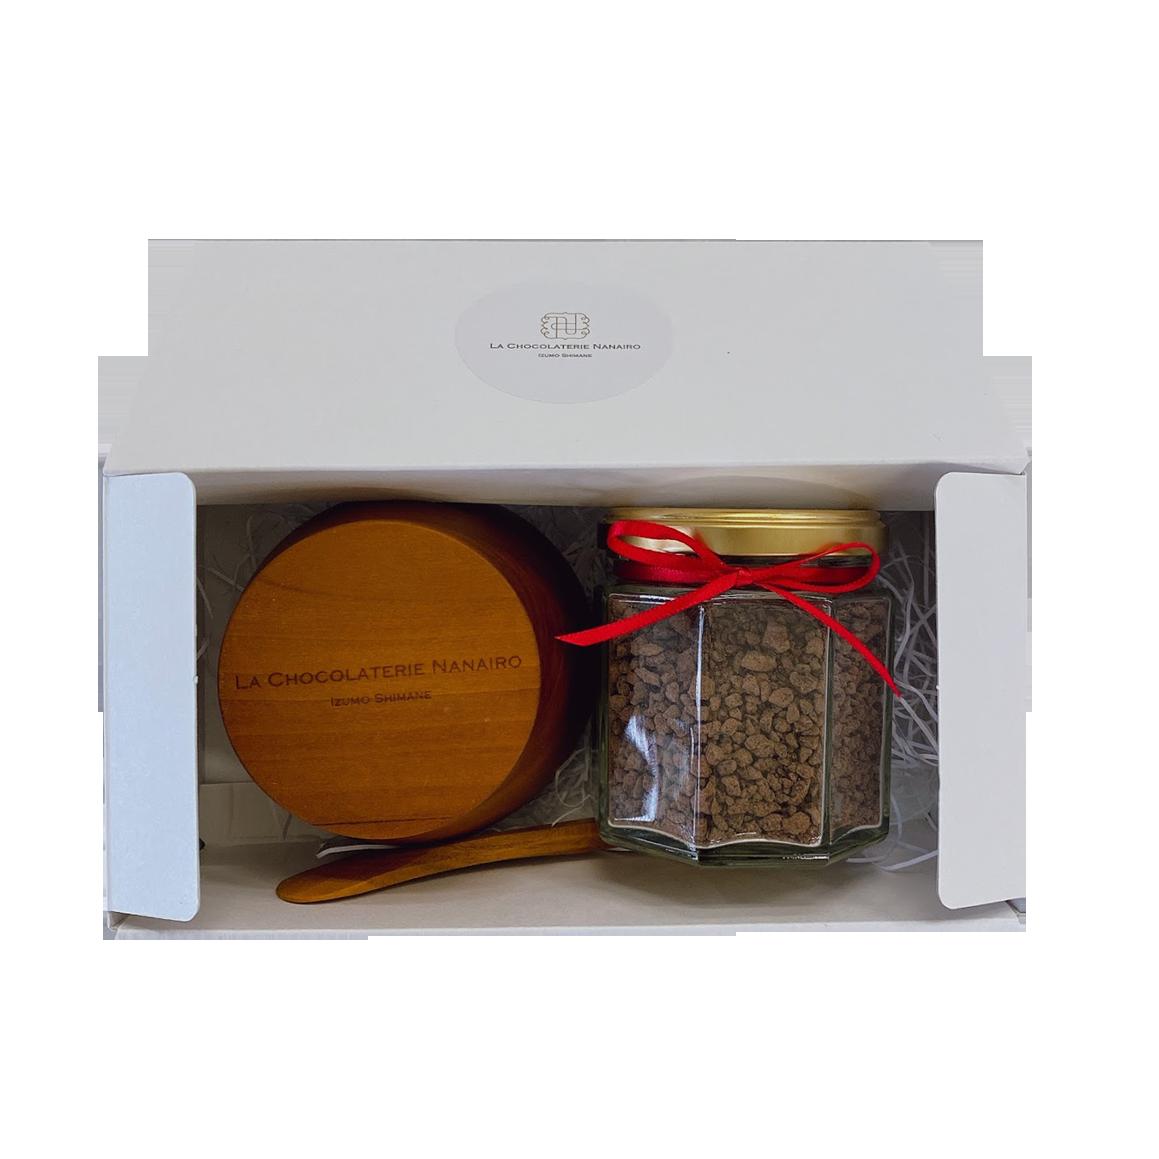 【Gift Set】Chocolat Chaud